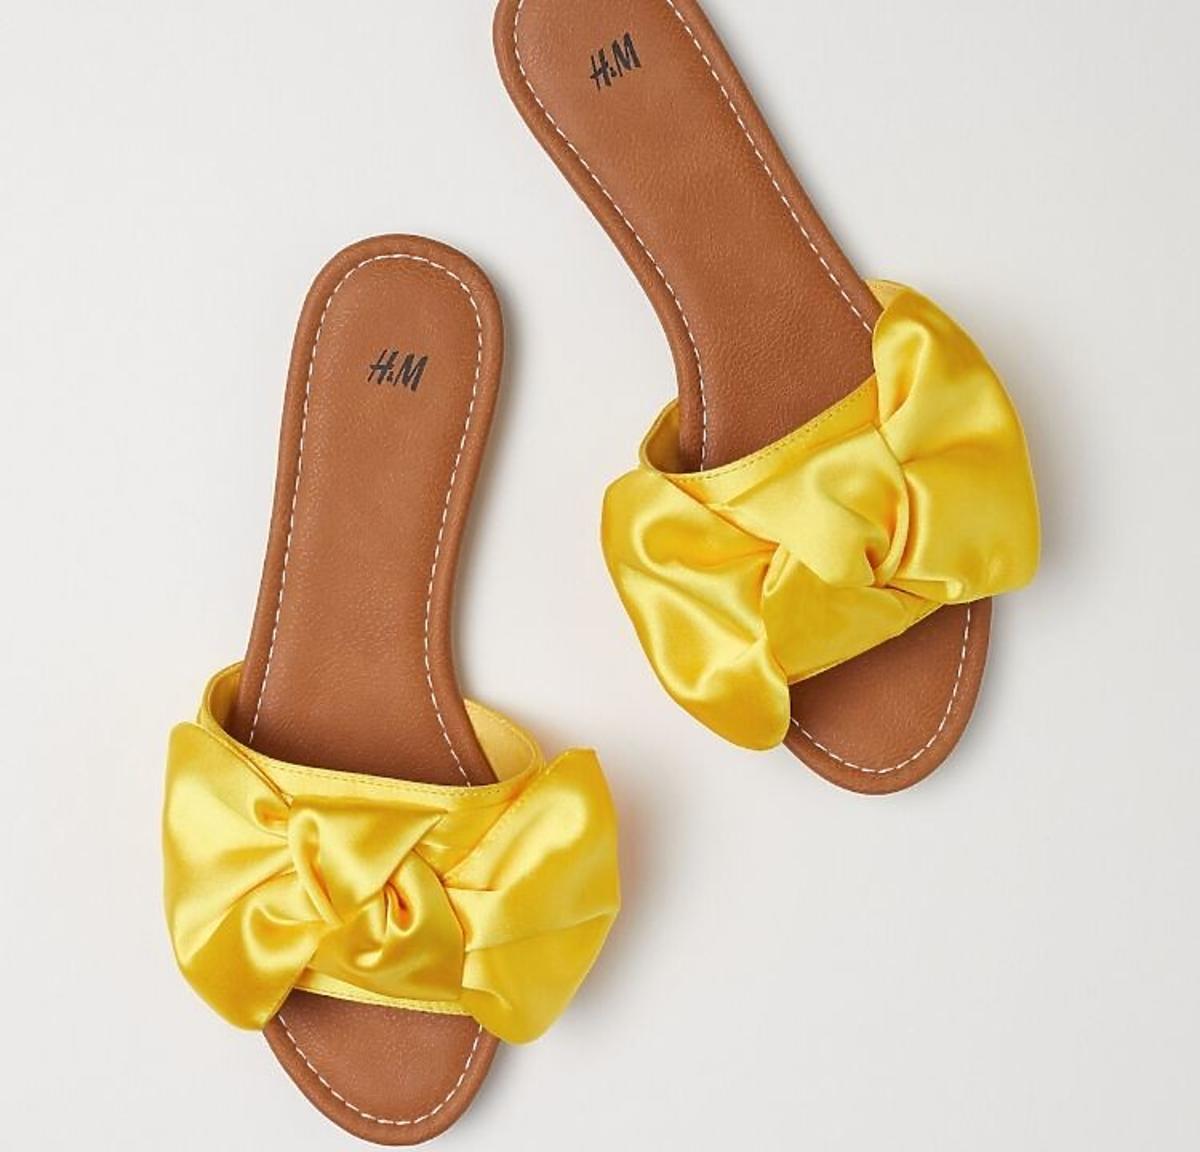 Żółte klapki z kokardkami H&M wyprzedaż